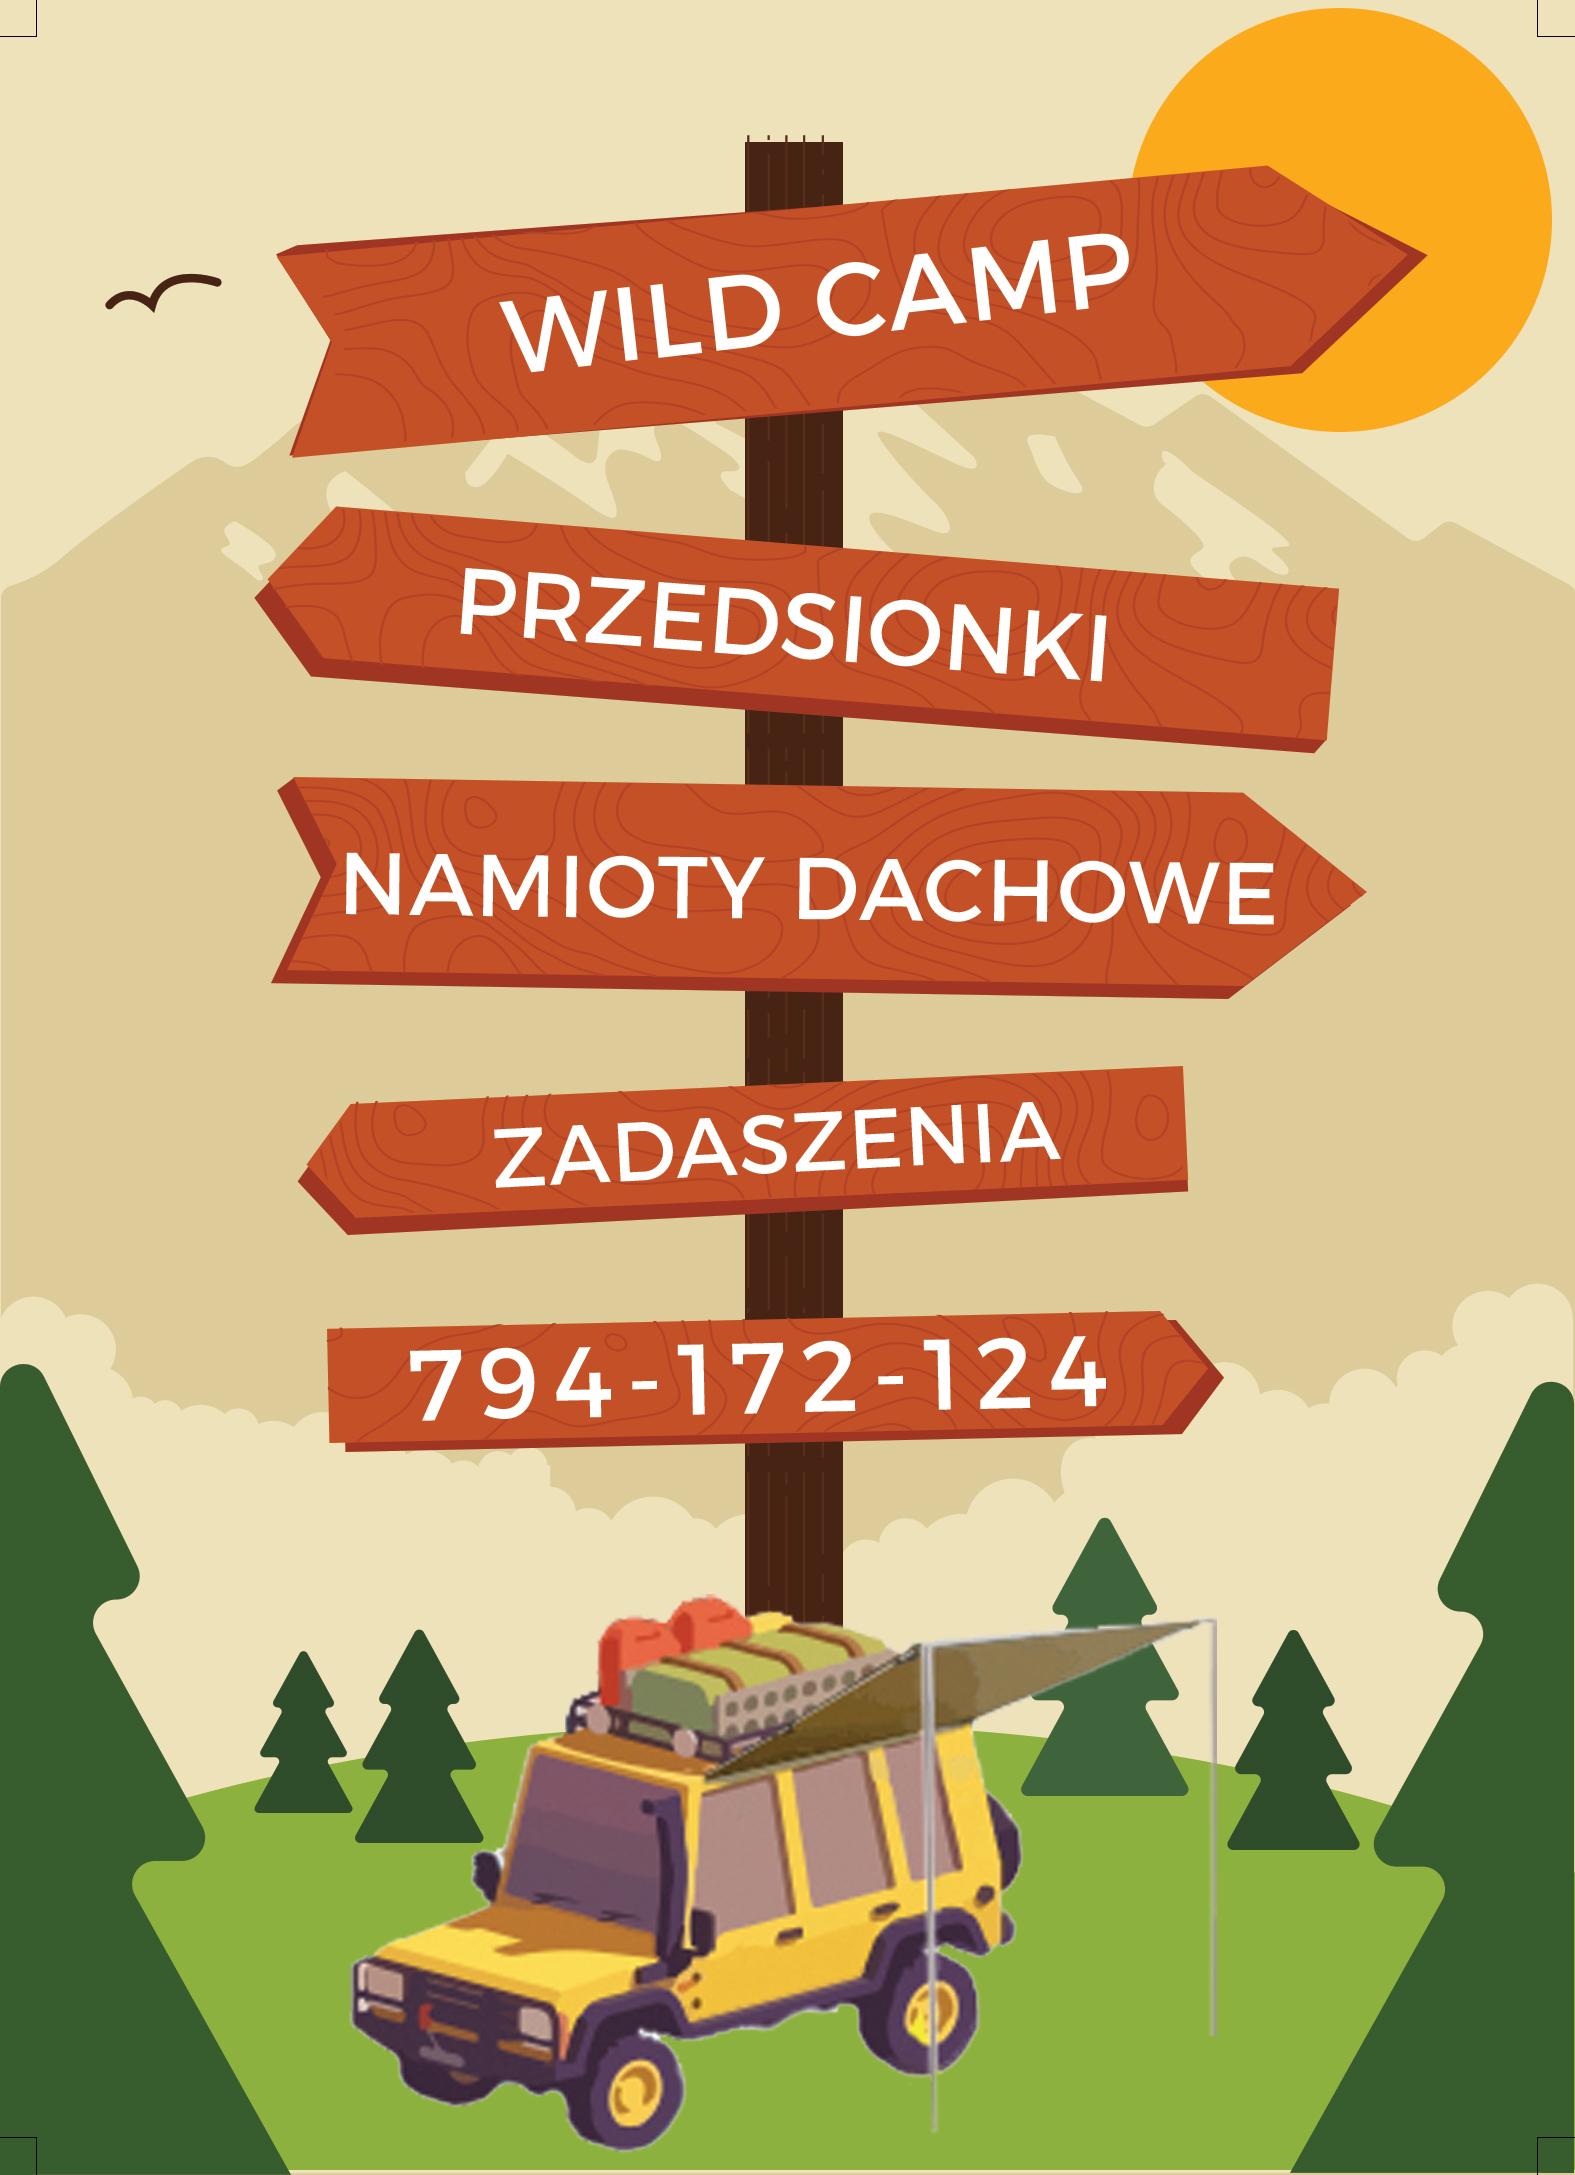 WildCamp - Namiot dachowy oraz znacznie więcej